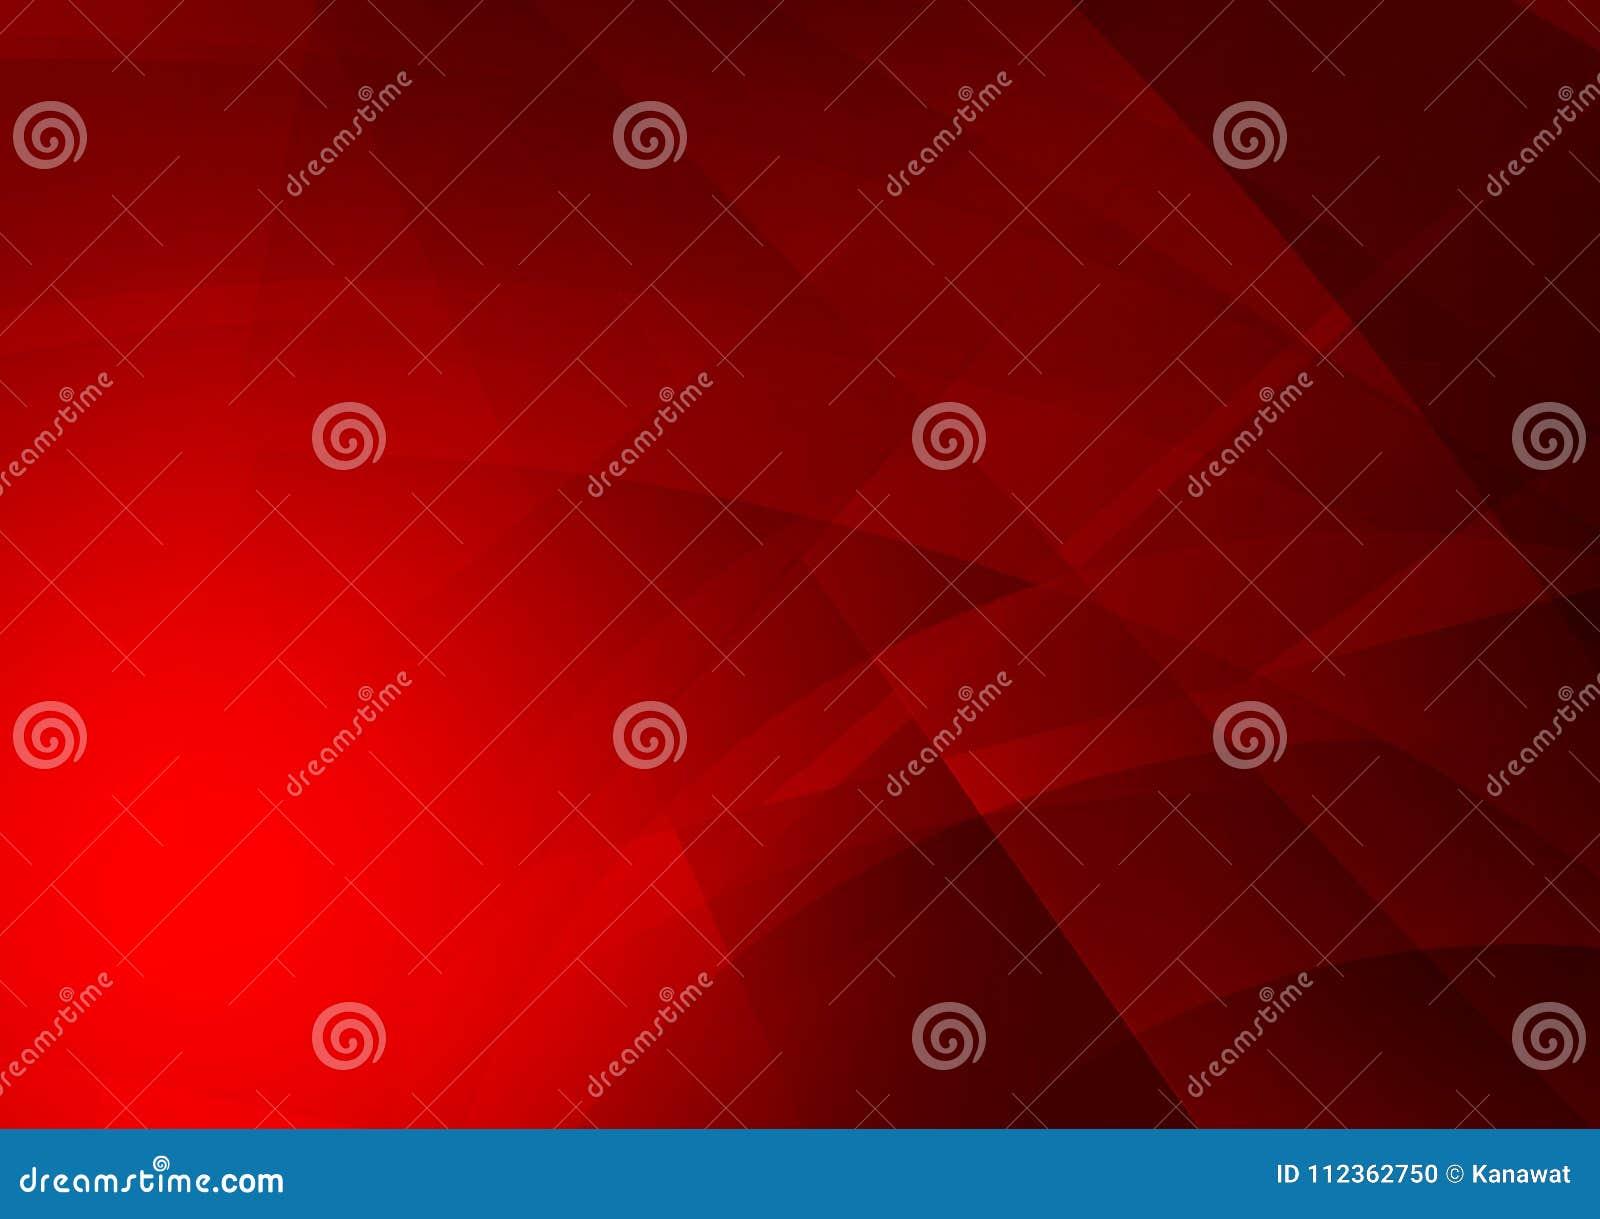 Fondo abstracto geométrico del color rojo, diseño gráfico